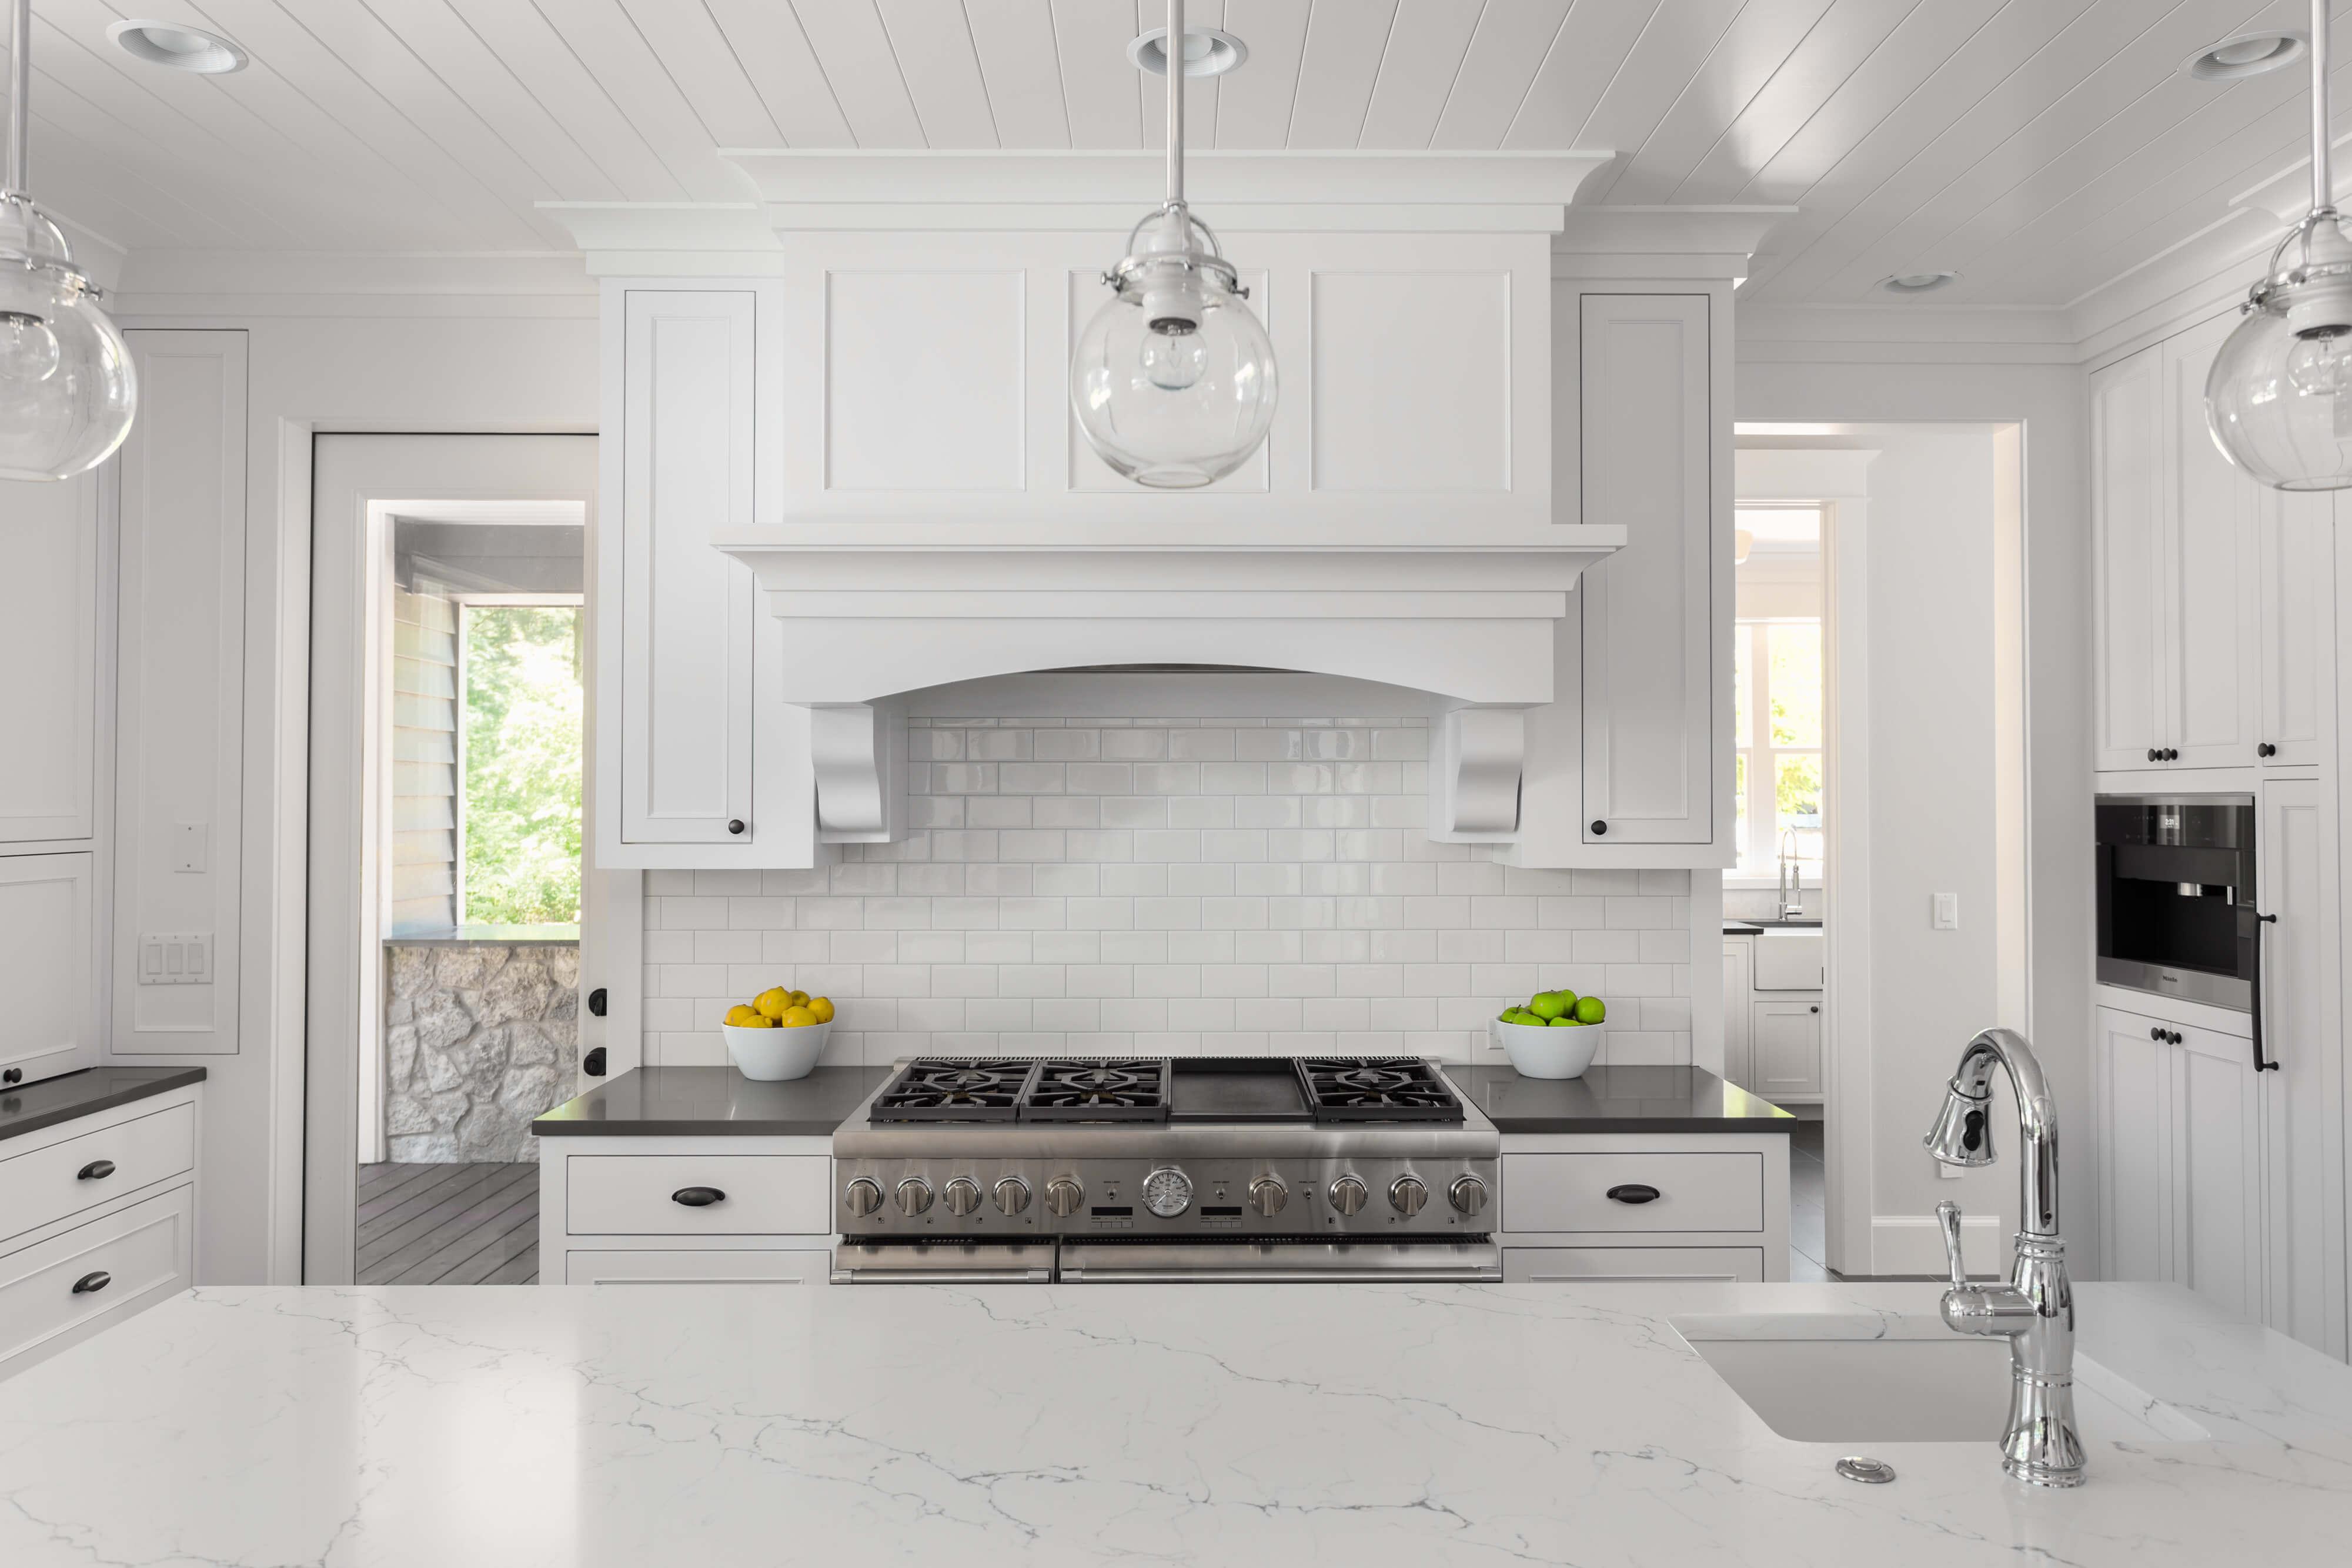 Choosing Tile for Your Bathroom or Kitchen | Strassburger Tile ...